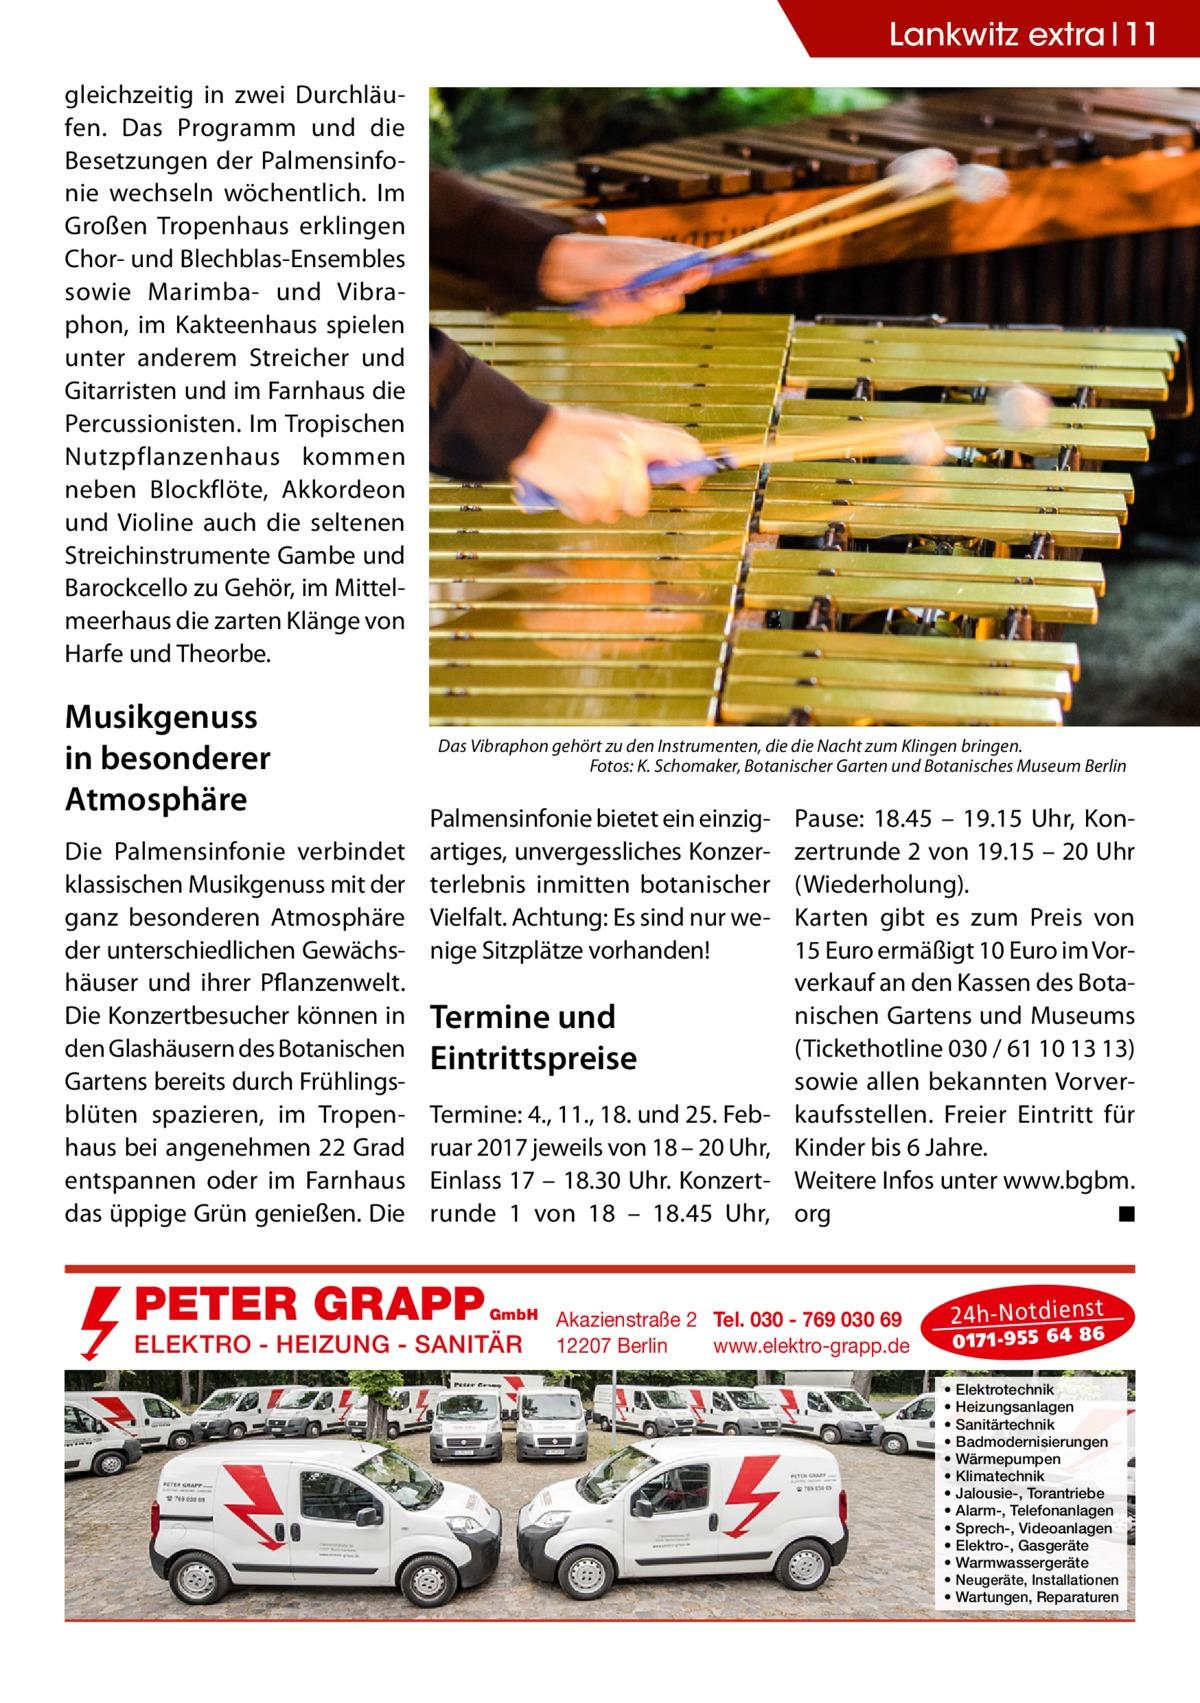 Lankwitz extra 11 gleichzeitig in zwei Durchläufen. Das Programm und die Besetzungen der Palmensinfonie wechseln wöchentlich. Im Großen Tropenhaus erklingen Chor- und Blechblas-Ensembles sowie Marimba- und Vibraphon, im Kakteenhaus spielen unter anderem Streicher und Gitarristen und im Farnhaus die Percussionisten. Im Tropischen Nutzpflanzenhaus kommen neben Blockflöte, Akkordeon und Violine auch die seltenen Streichinstrumente Gambe und Barockcello zu Gehör, im Mittelmeerhaus die zarten Klänge von Harfe und Theorbe.  Musikgenuss in besonderer Atmosphäre Die Palmensinfonie verbindet klassischen Musikgenuss mit der ganz besonderen Atmosphäre der unterschiedlichen Gewächshäuser und ihrer Pflanzenwelt. Die Konzertbesucher können in den Glashäusern des Botanischen Gartens bereits durch Frühlingsblüten spazieren, im Tropenhaus bei angenehmen 22Grad entspannen oder im Farnhaus das üppige Grün genießen. Die  Das Vibraphon gehört zu den Instrumenten, die die Nacht zum Klingen bringen. � Fotos: K. Schomaker, Botanischer Garten und Botanisches Museum Berlin  Palmensinfonie bietet ein einzigartiges, unvergessliches Konzerterlebnis inmitten botanischer Vielfalt. Achtung: Es sind nur wenige Sitzplätze vorhanden!  Termine und Eintrittspreise Termine: 4., 11., 18. und 25.Februar 2017 jeweils von 18 – 20Uhr, Einlass 17 – 18.30Uhr. Konzert runde 1 von 18 – 18.45 Uhr,  PETER GRAPP  GmbH  ELEKTRO - HEIZUNG - SANITÄR  Pause: 18.45 – 19.15 Uhr, Konzertrunde 2 von 19.15 – 20Uhr (Wiederholung). Karten gibt es zum Preis von 15Euro ermäßigt 10Euro im Vorverkauf an den Kassen des Botanischen Gartens und Museums (Tickethotline 030 / 61101313) sowie allen bekannten Vorverkaufsstellen. Freier Eintritt für Kinder bis 6Jahre. Weitere Infos unter www.bgbm. org � ◾  Akazienstraße 2 Tel. 030 - 769 030 69 12207 Berlin www.elektro-grapp.de  24 h-N otd ien st  017 1-9 55 64 86  • • • • • • • • • • • • •  Elektrotechnik Heizungsanlagen Sanitärtechnik Badmodernisierungen Wärmepumpen Klimatechnik Jalousie